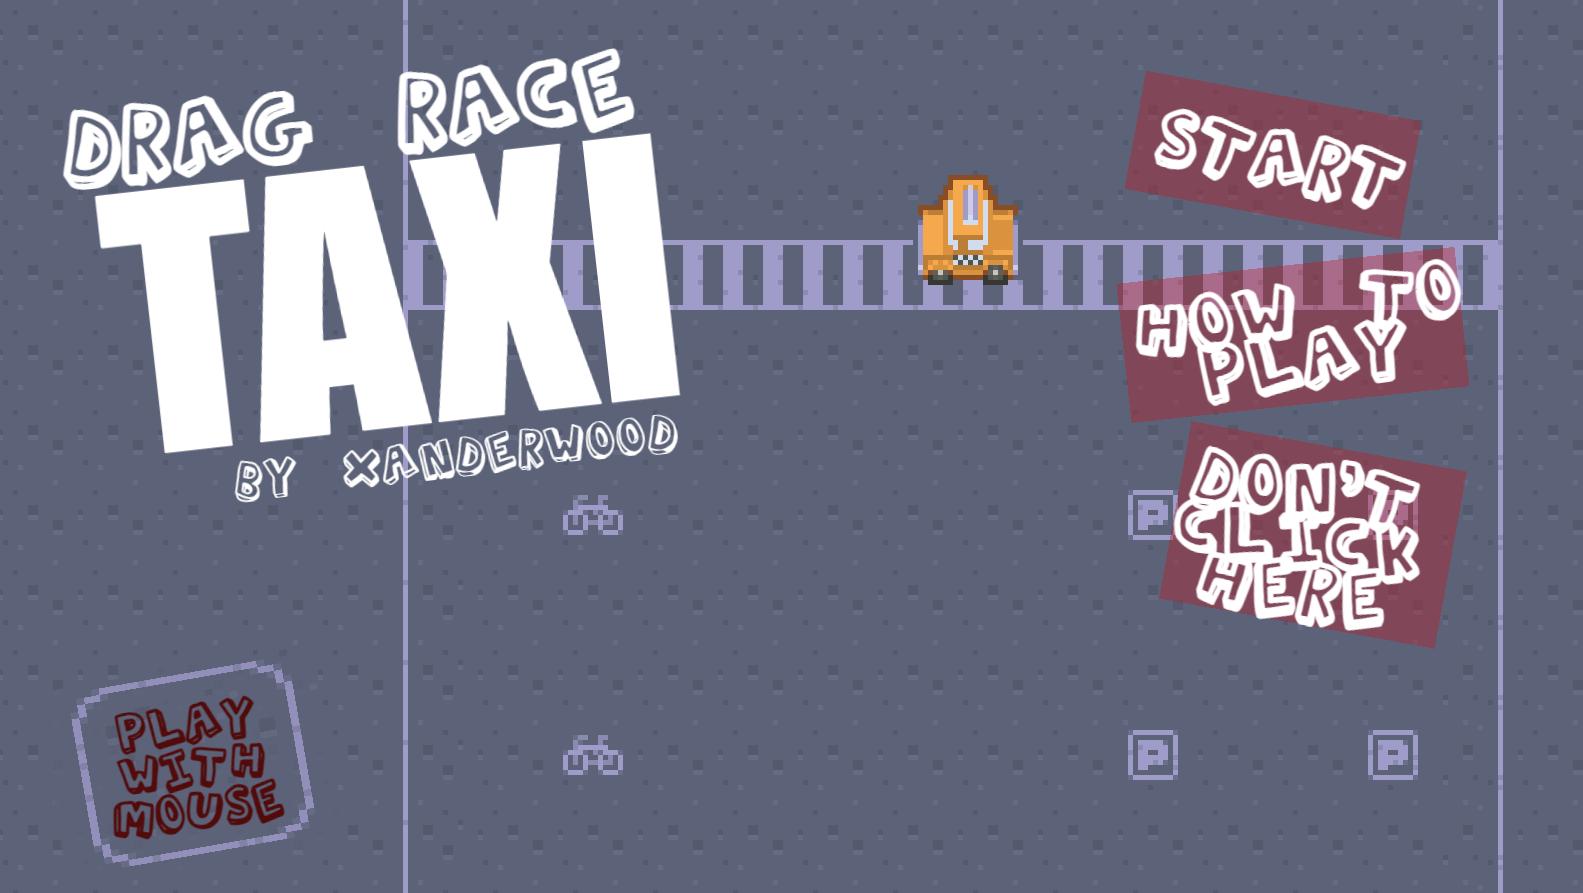 Drag Race Taxi